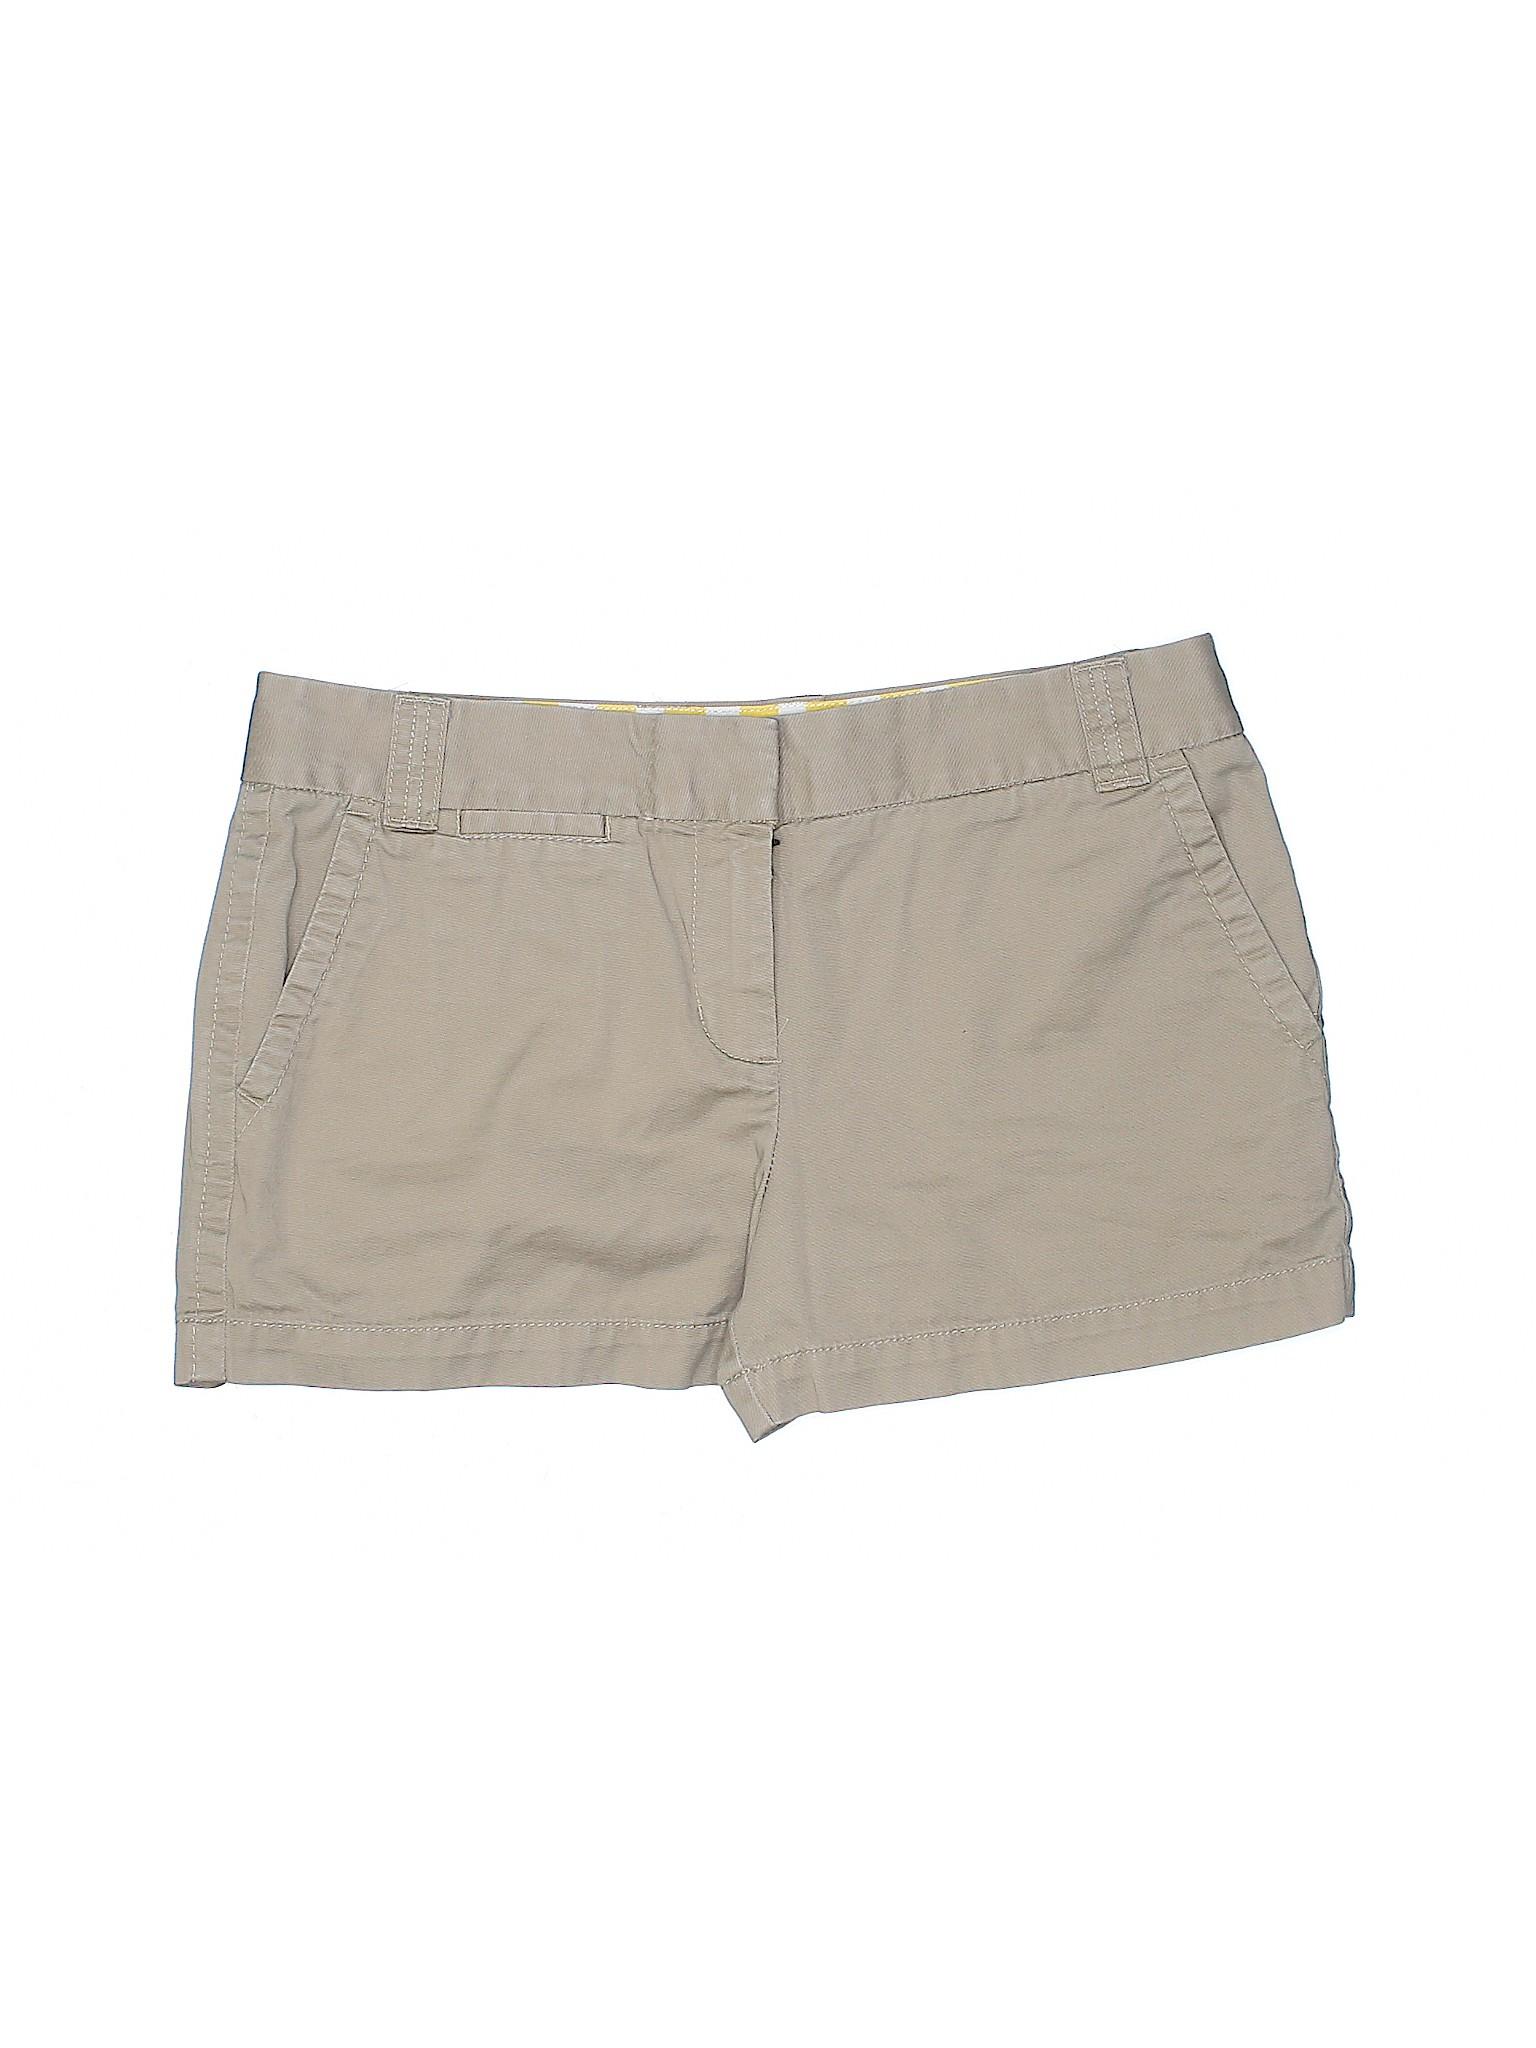 J Boutique winter Crew Khaki Shorts awgpAq5g